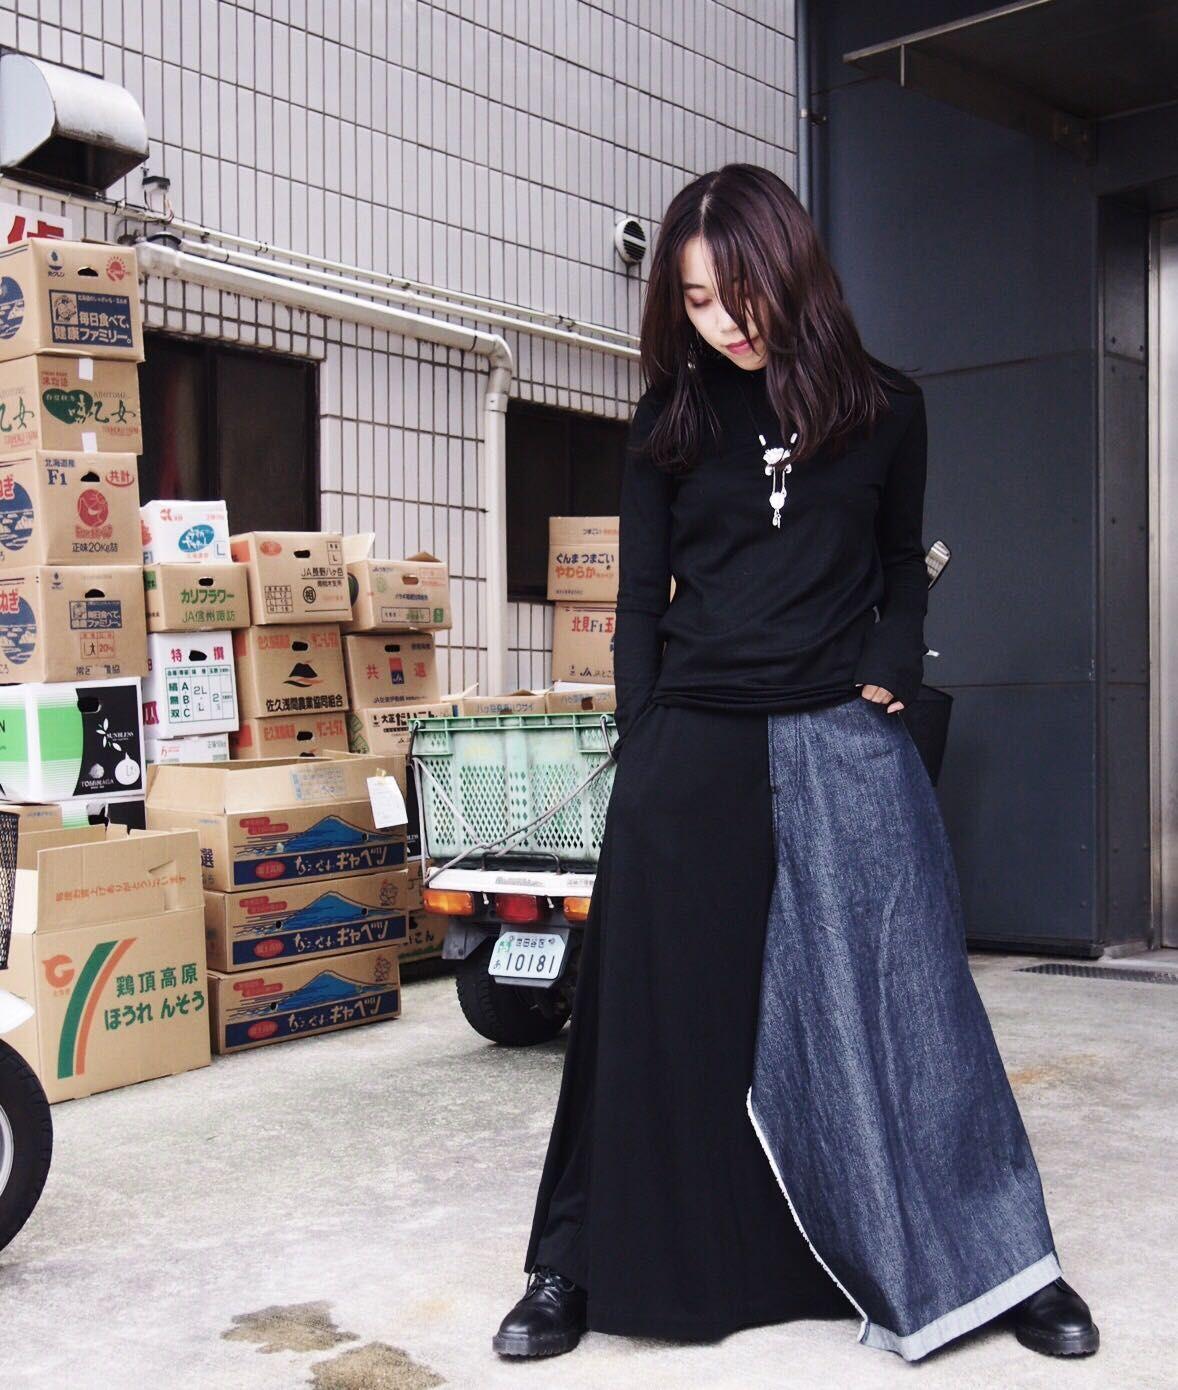 Yohji Yamamoto Yohji Yamamoto。 日本を代表するブランドの一つであるヨウジヤマモト。 煌びやかな洋服が中心だった35年前のパリコレで、タブーとされていた黒を前面に打出したコレクションを発表し、世界が震撼したブランド。 通常必要とされる要尺の1.5~2倍の生地を使ってでも、そこから生まれるドレーピングをデザインに落とし込むなど、見ても楽しめますが着るともっとヨウジの魅力に浸ることができます。是非...